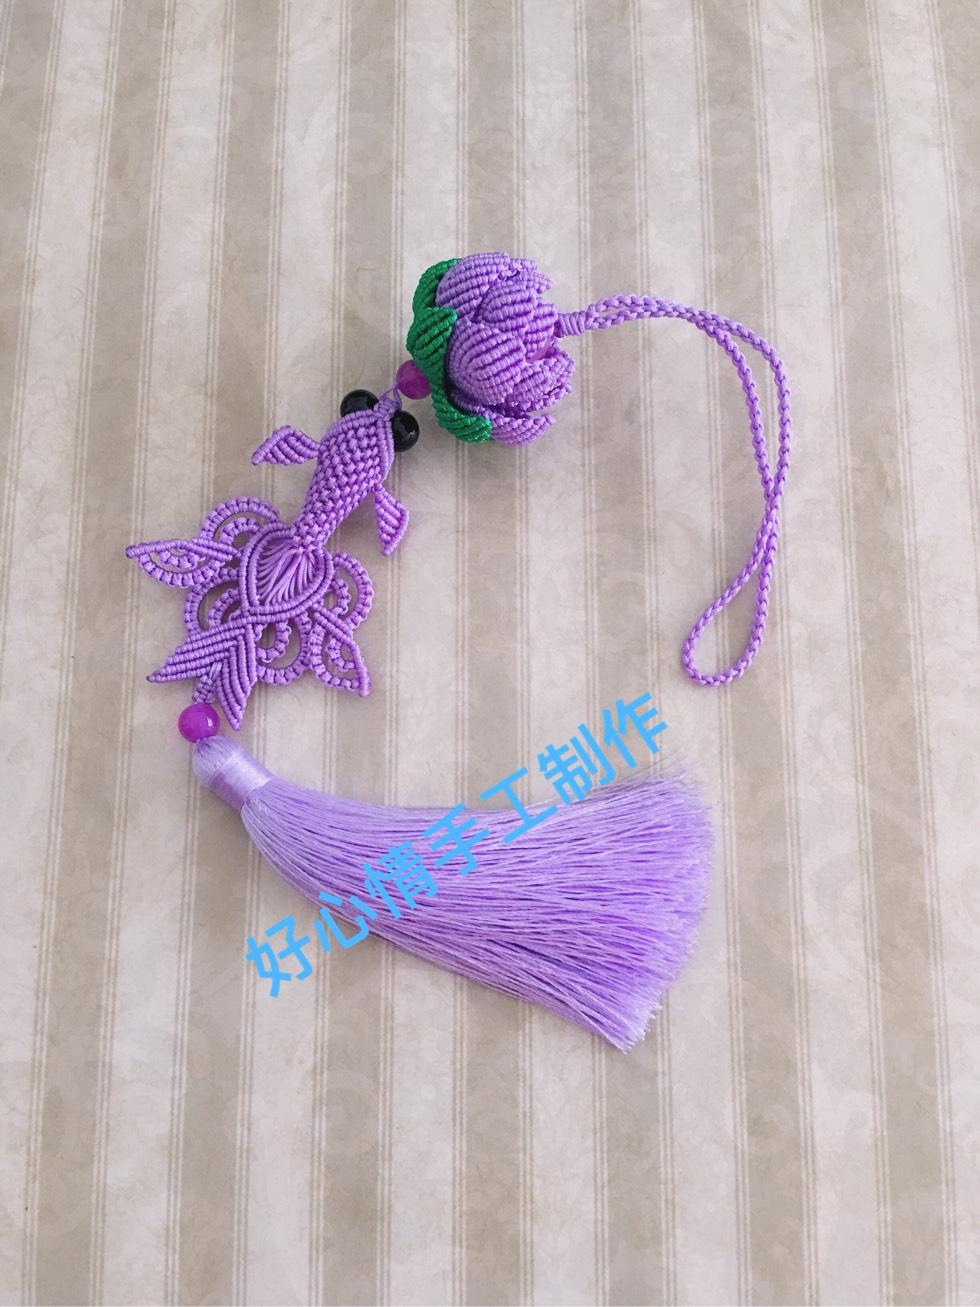 中国结论坛 最近特别喜爱紫色,编不停的节奏 什么样的女人喜欢紫色,紫色的含义和象征,心理学上喜欢紫色的人,喜欢紫色的男人 作品展示 172453luozo0fyli0ll6zf